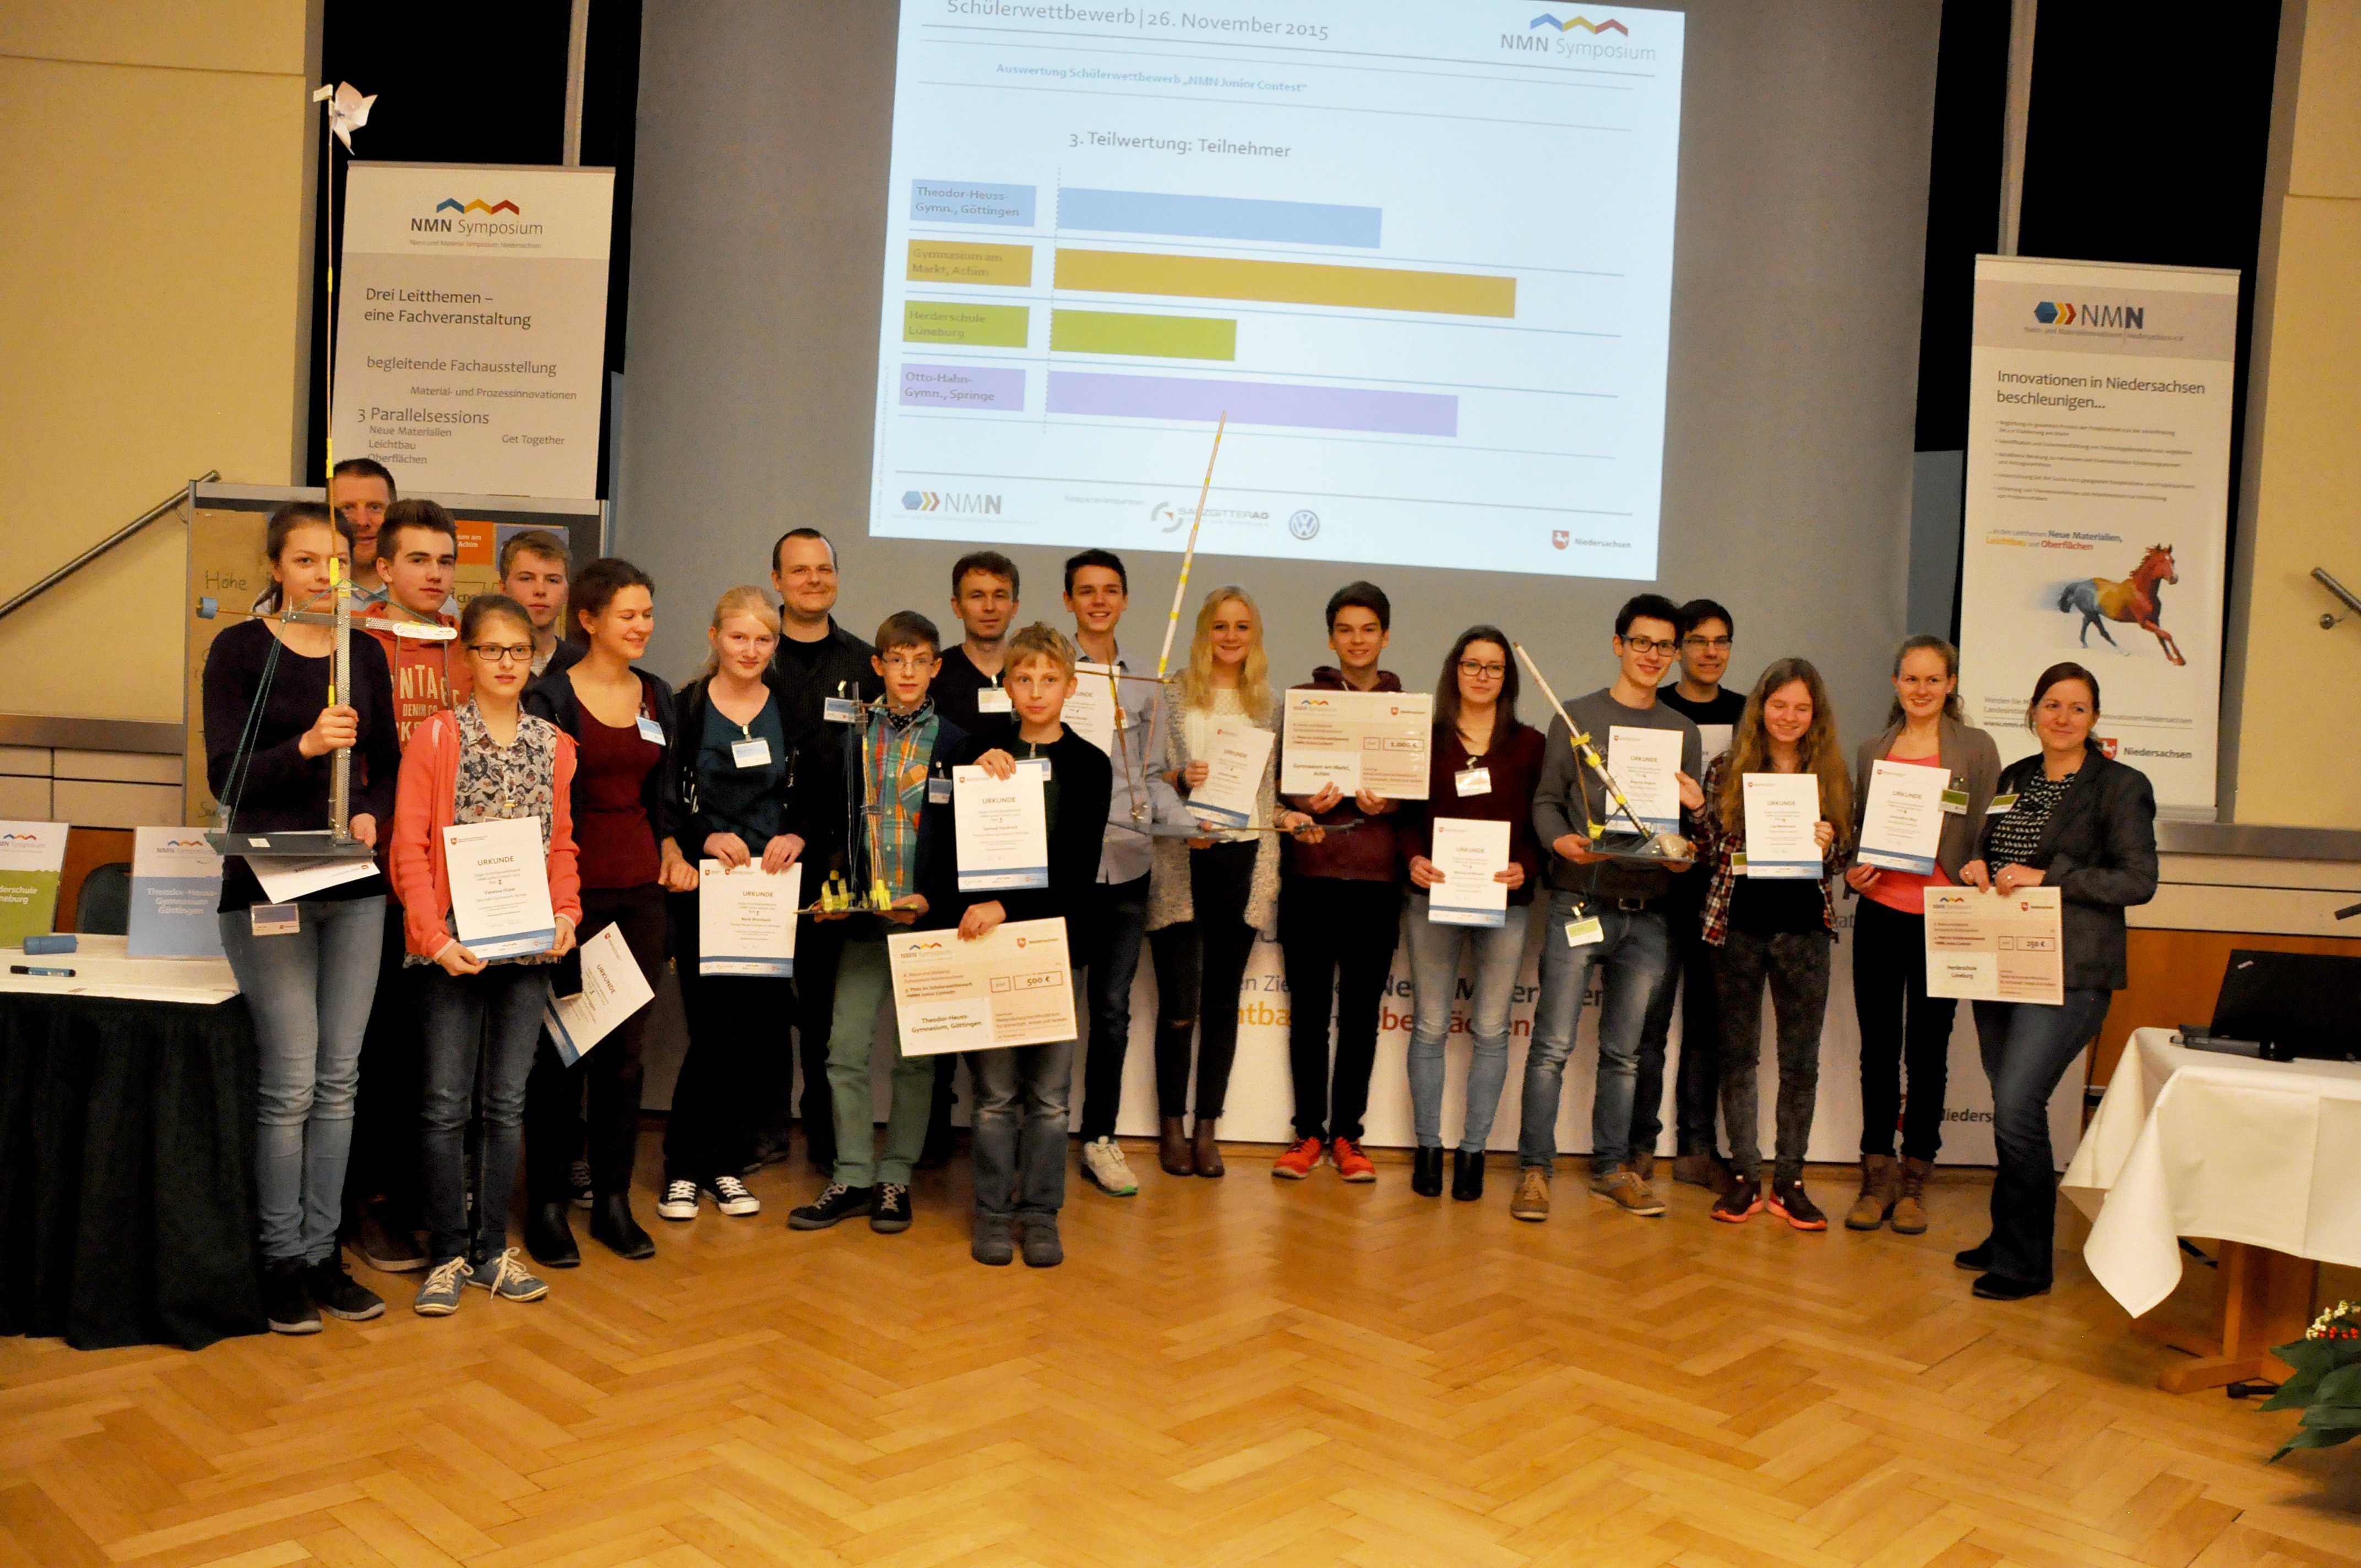 Schülerwettbewerb